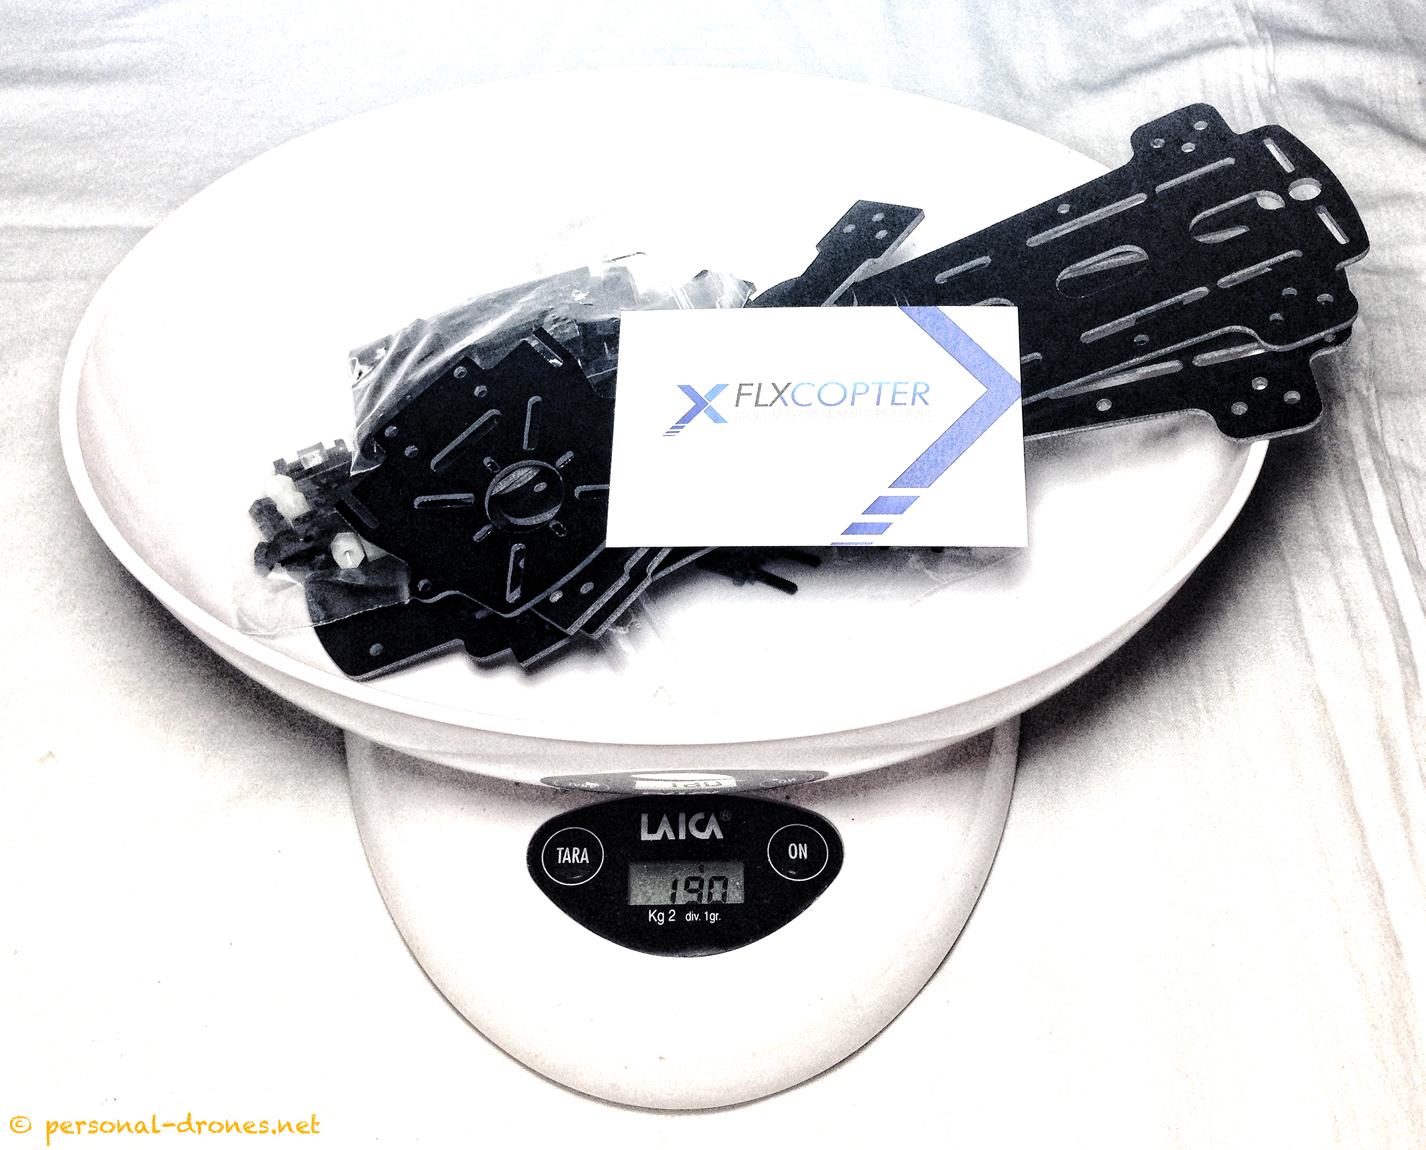 Frame weight: 190gr